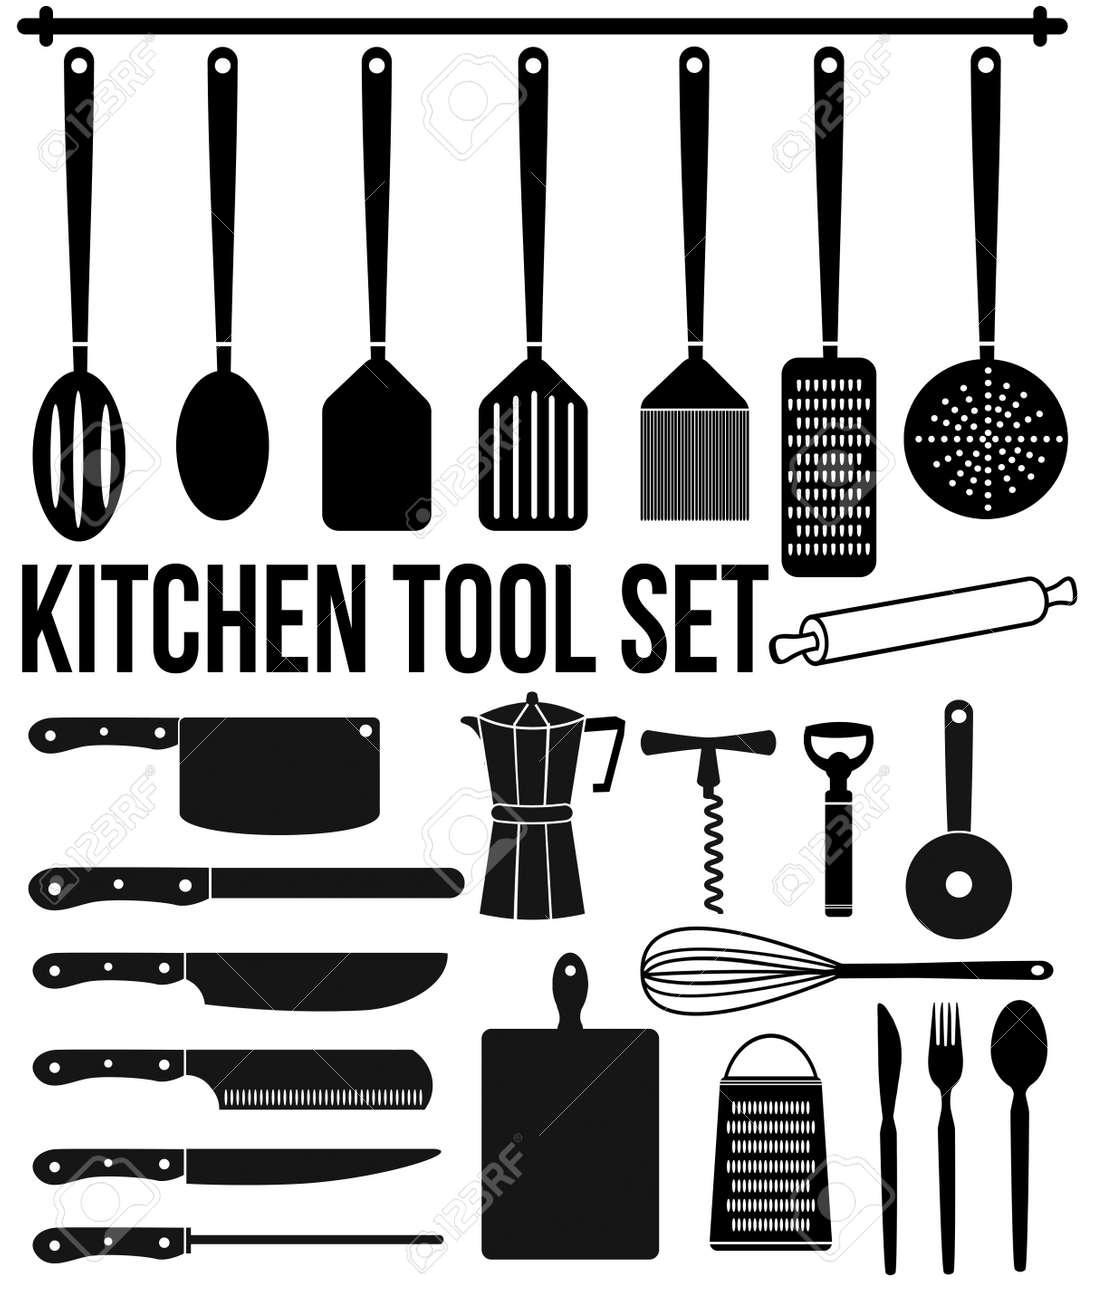 archivio fotografico icone degli strumenti da cucina impostata su sfondo bianco illustrazione vettoriale